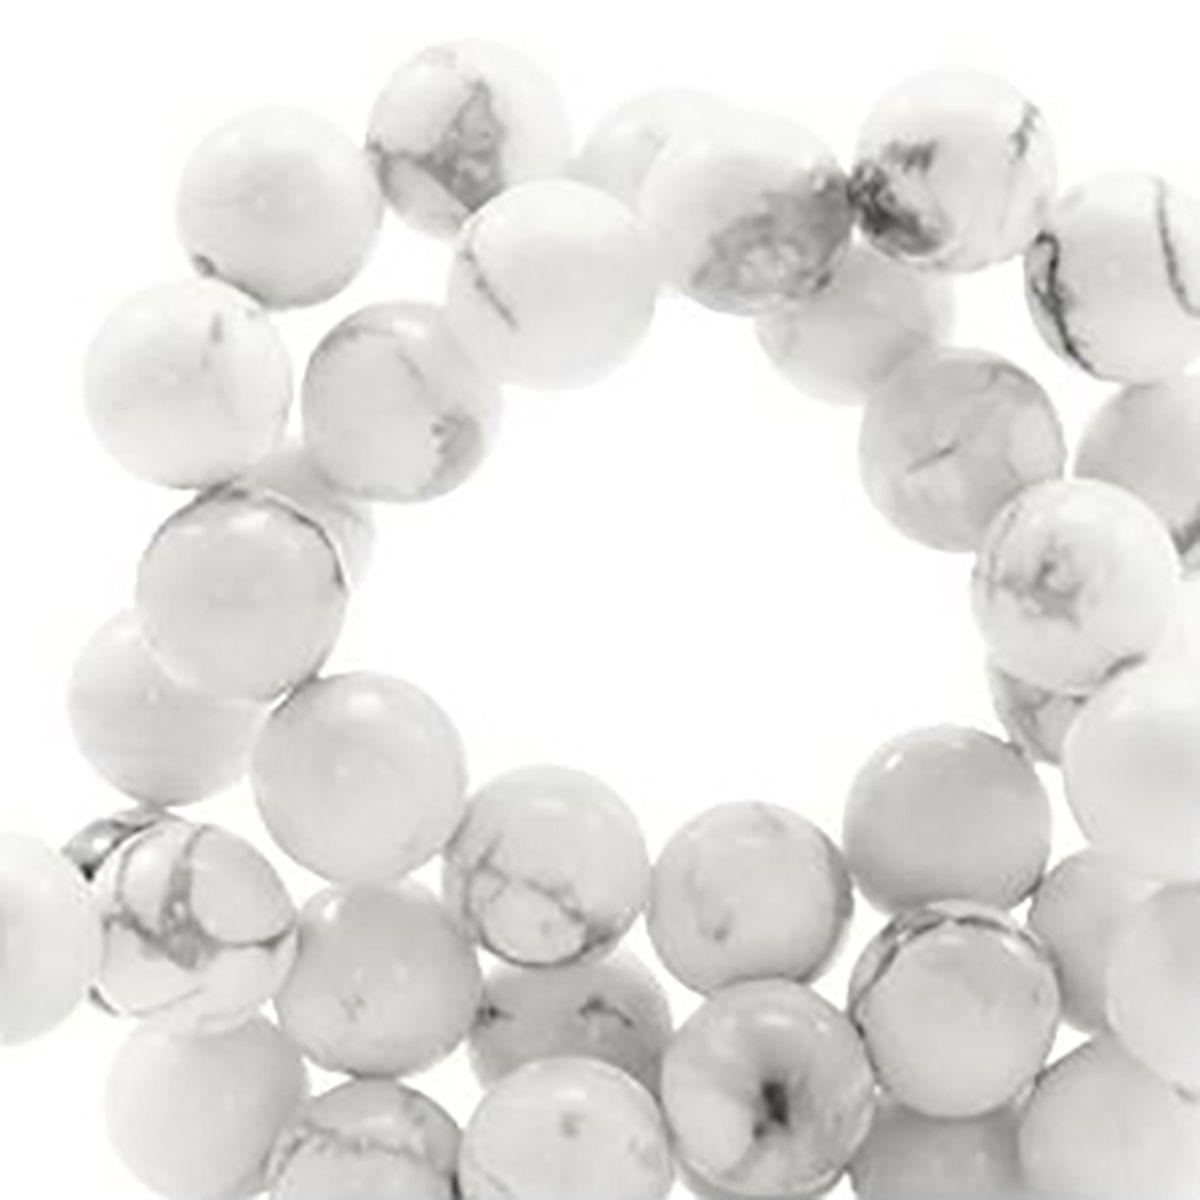 Halbedelstein Achatperlen weiß grau, 6 mm, 60 Stück